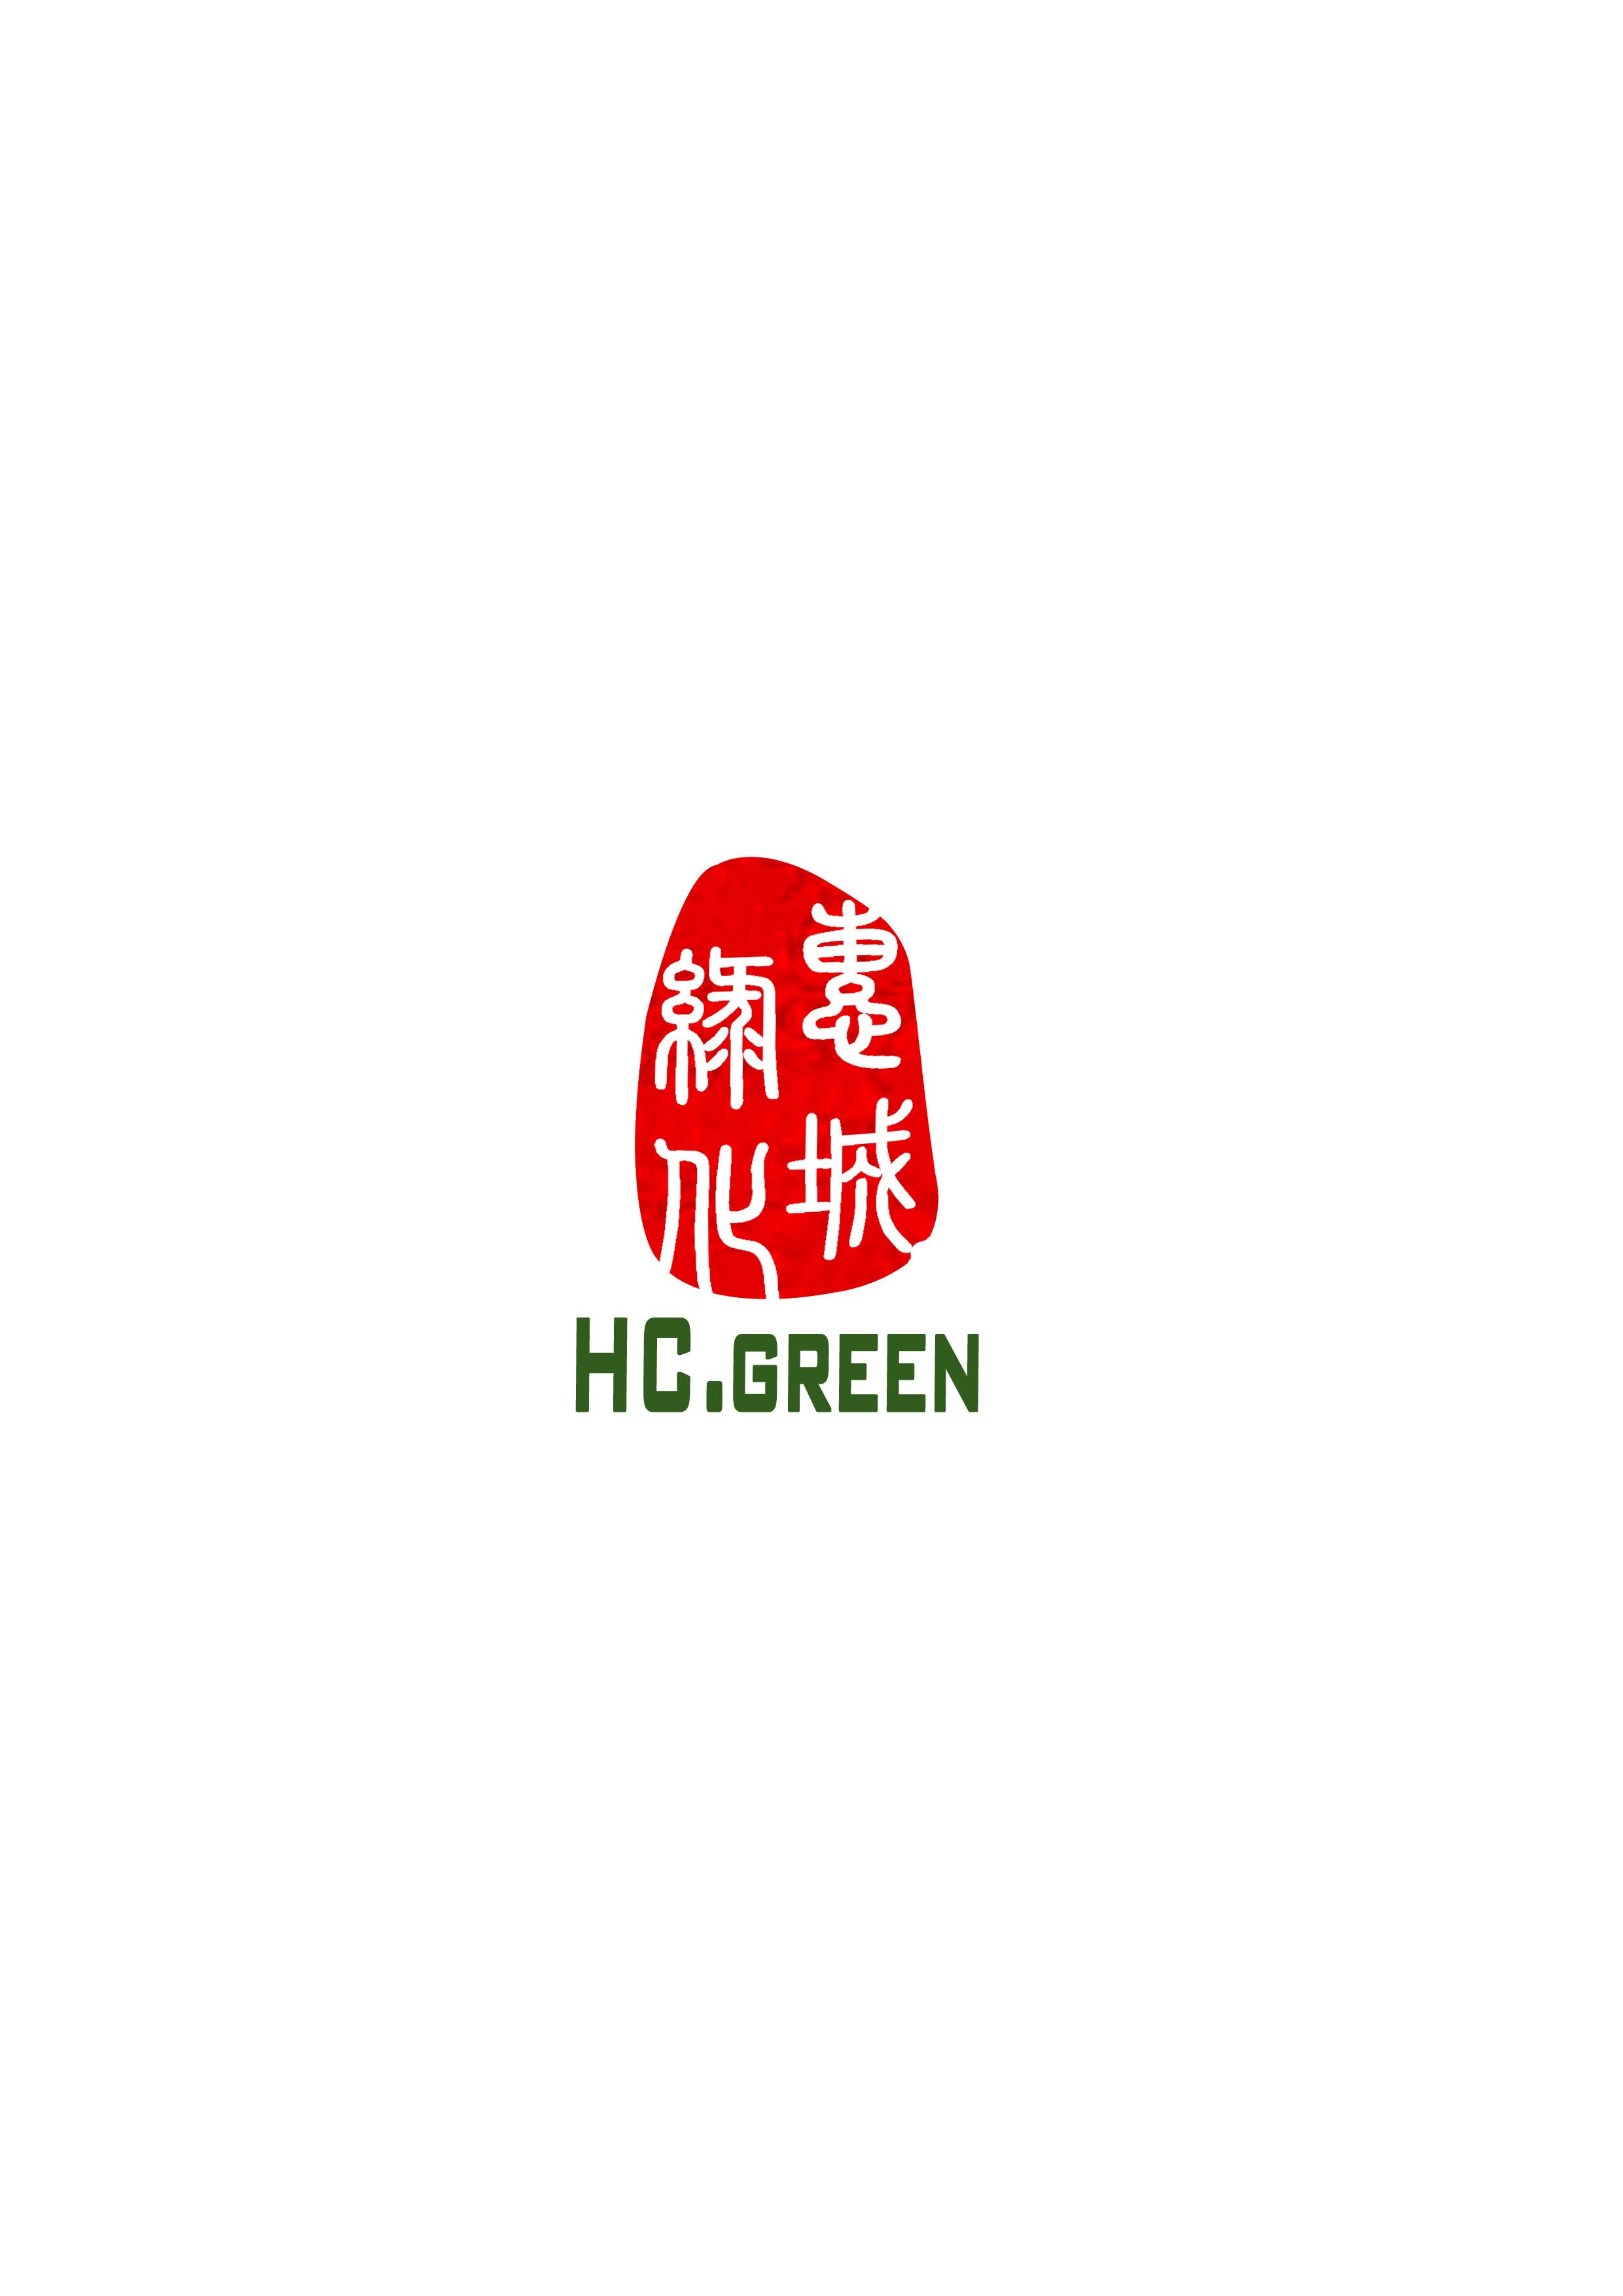 江苏惠城景观建设有限公司